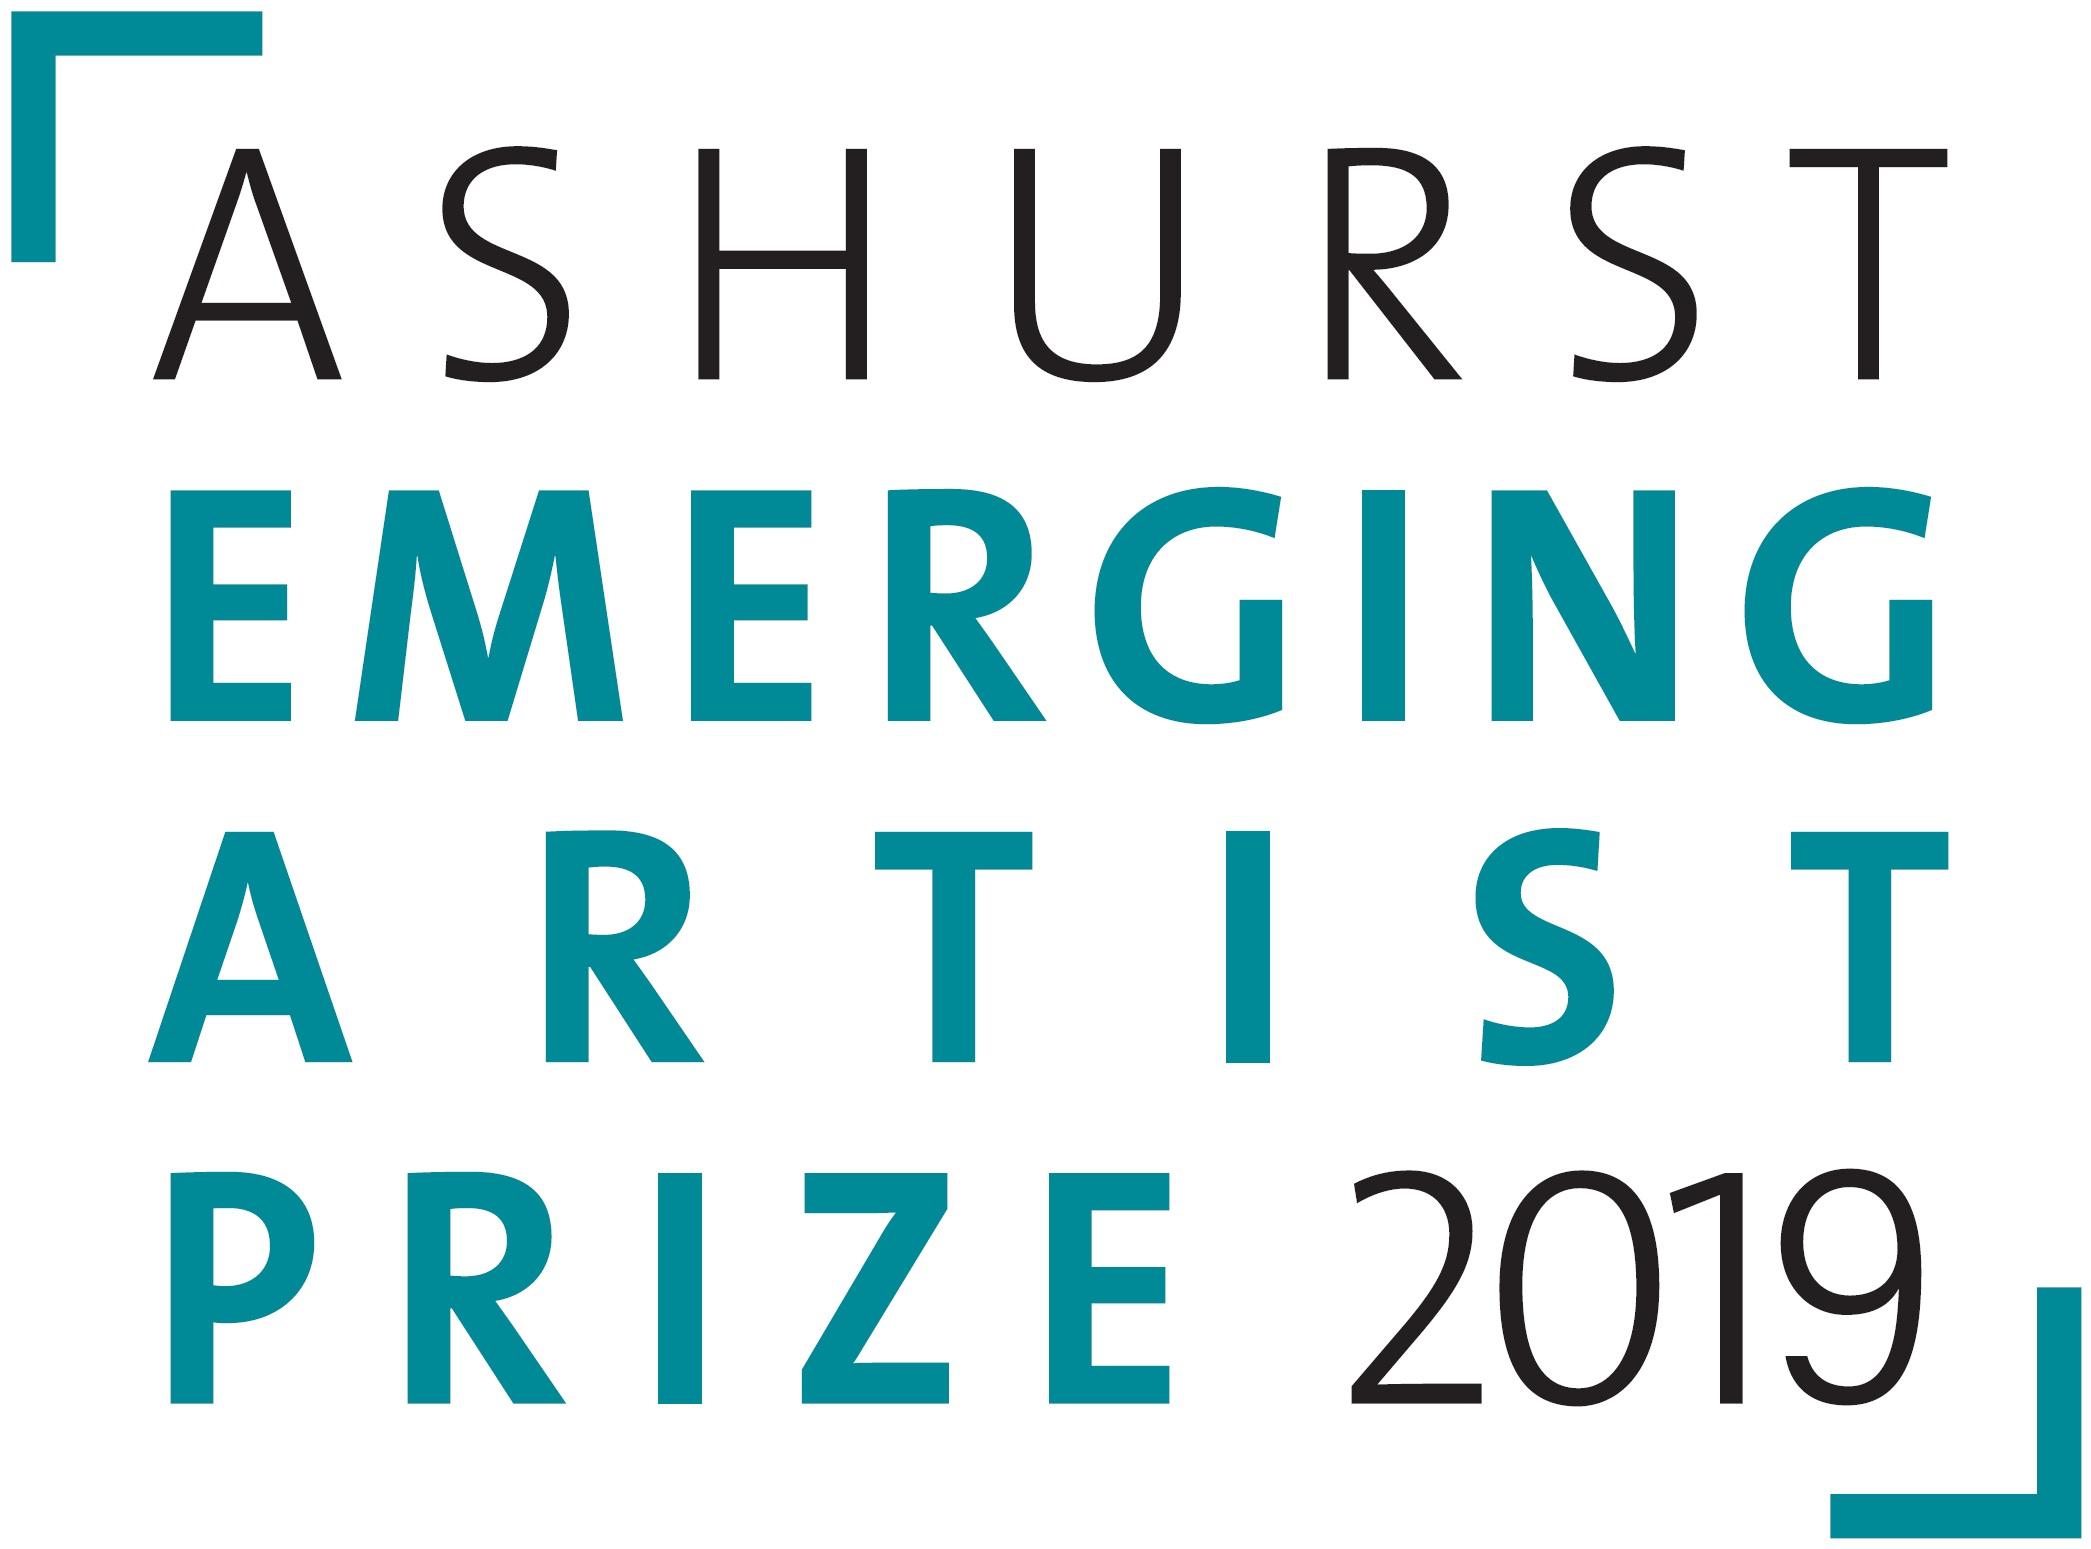 Ashurst Emerging Artist Prize 2019